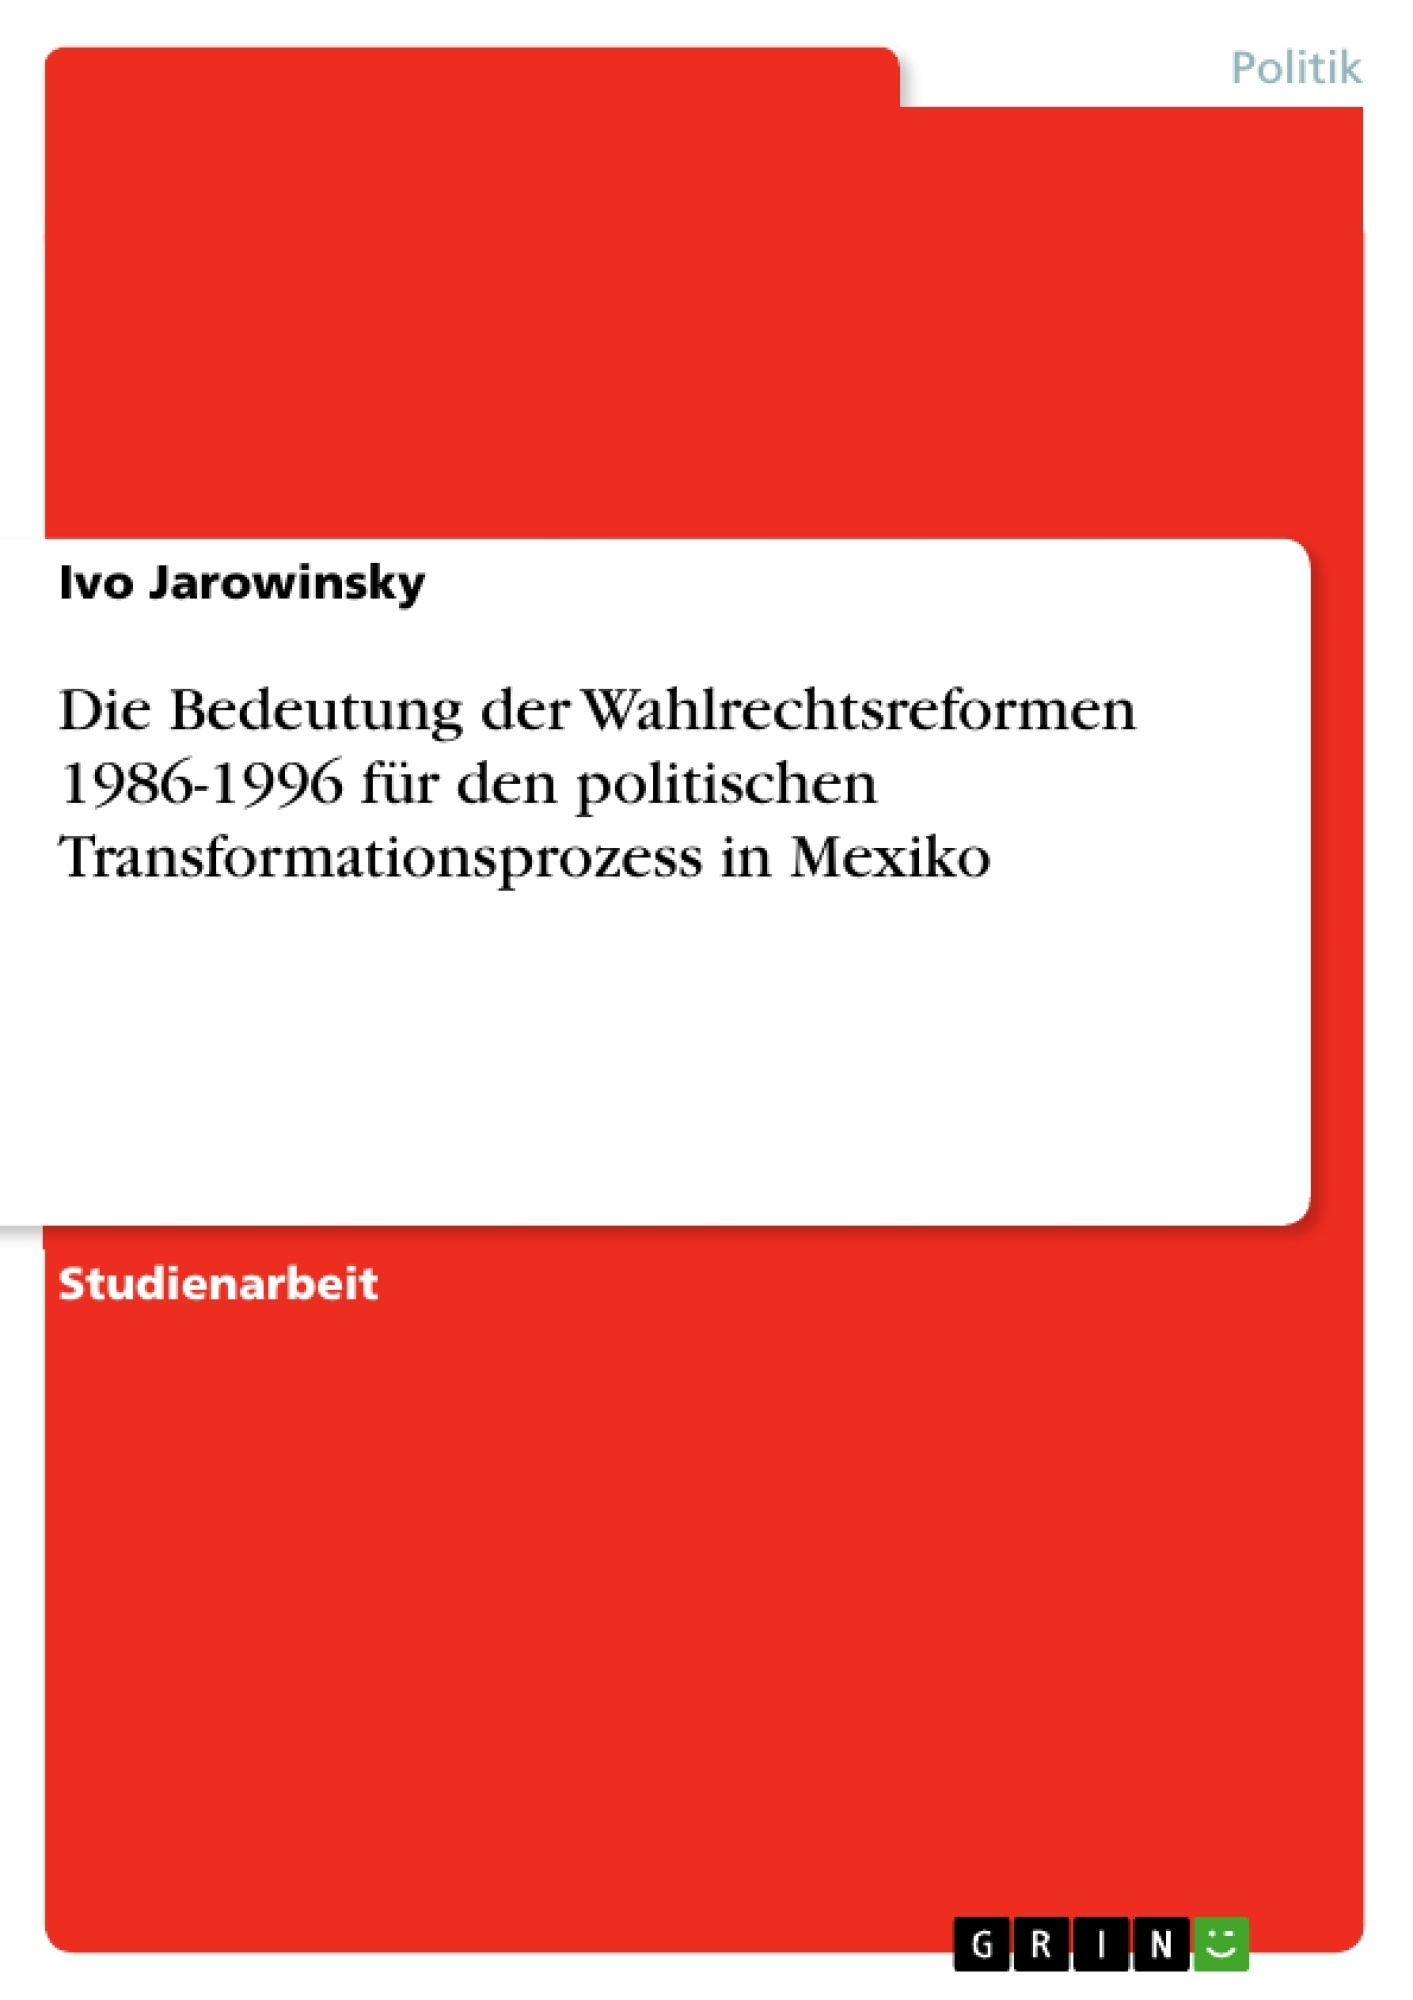 Titel: Die Bedeutung der Wahlrechtsreformen 1986-1996 für den politischen Transformationsprozess in Mexiko